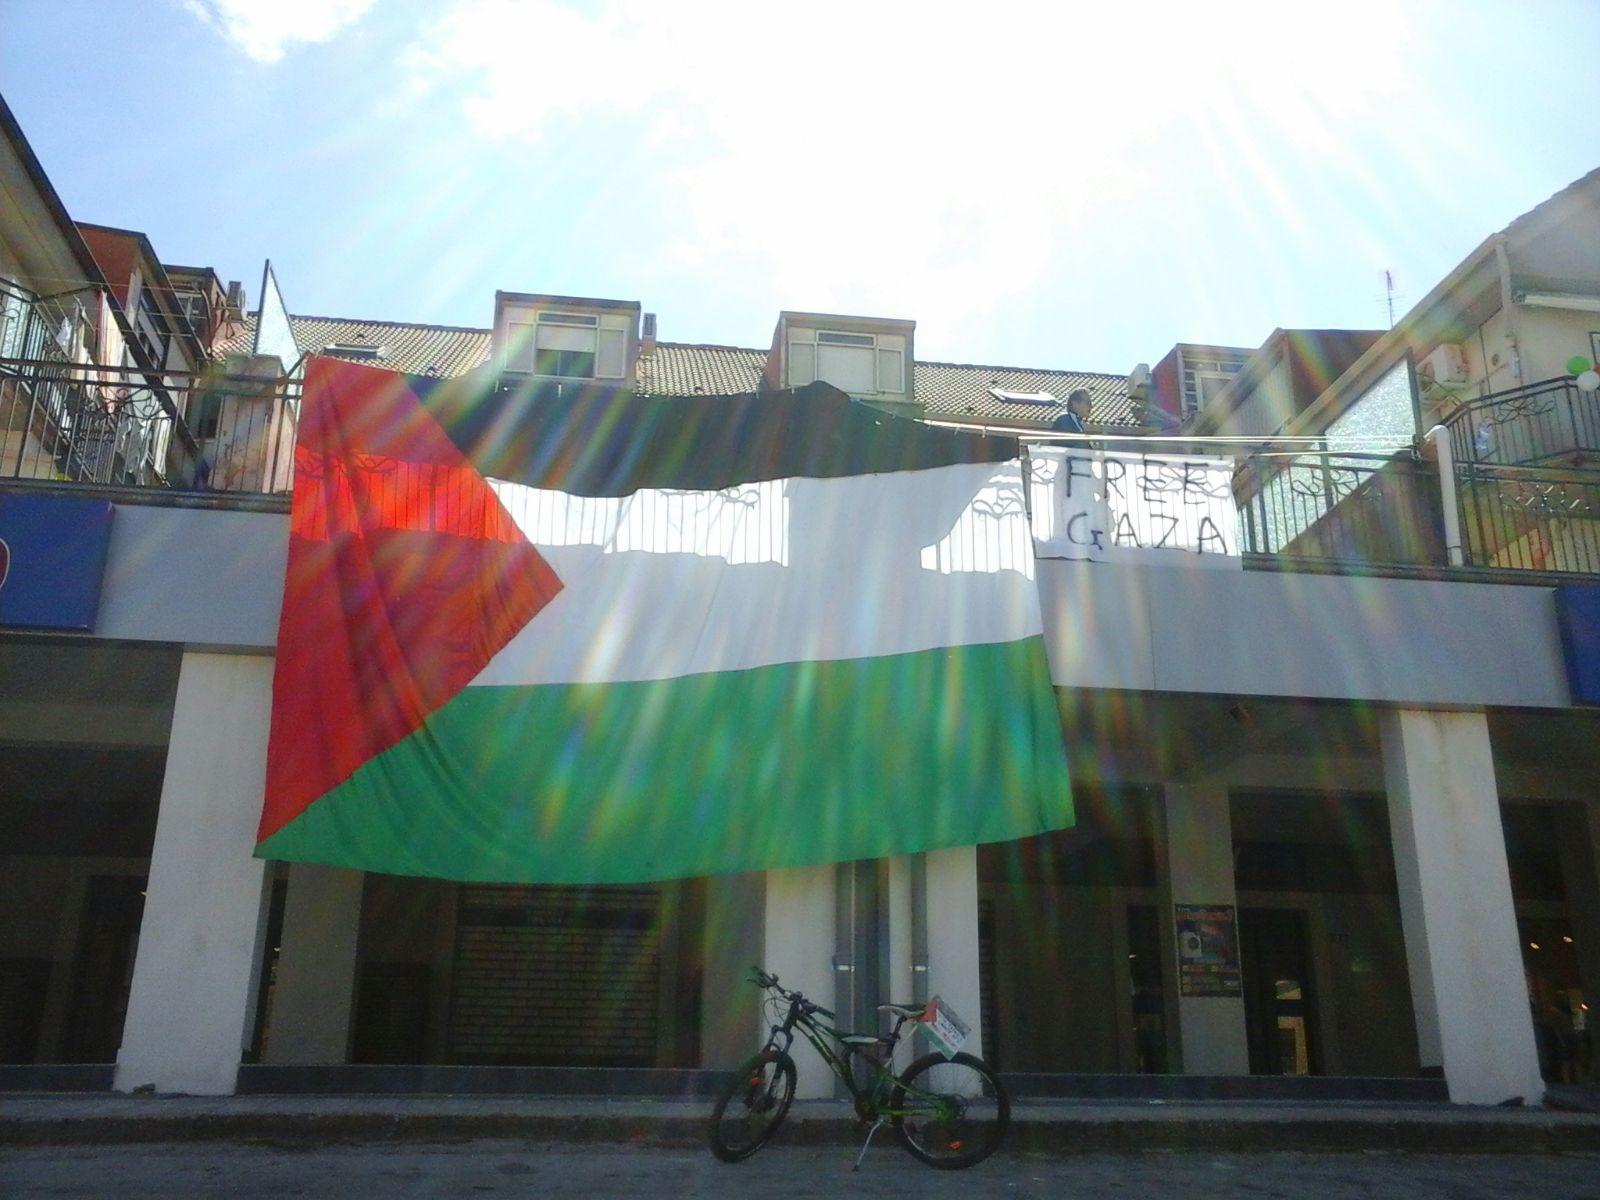 Palestina libera. No ai massacri